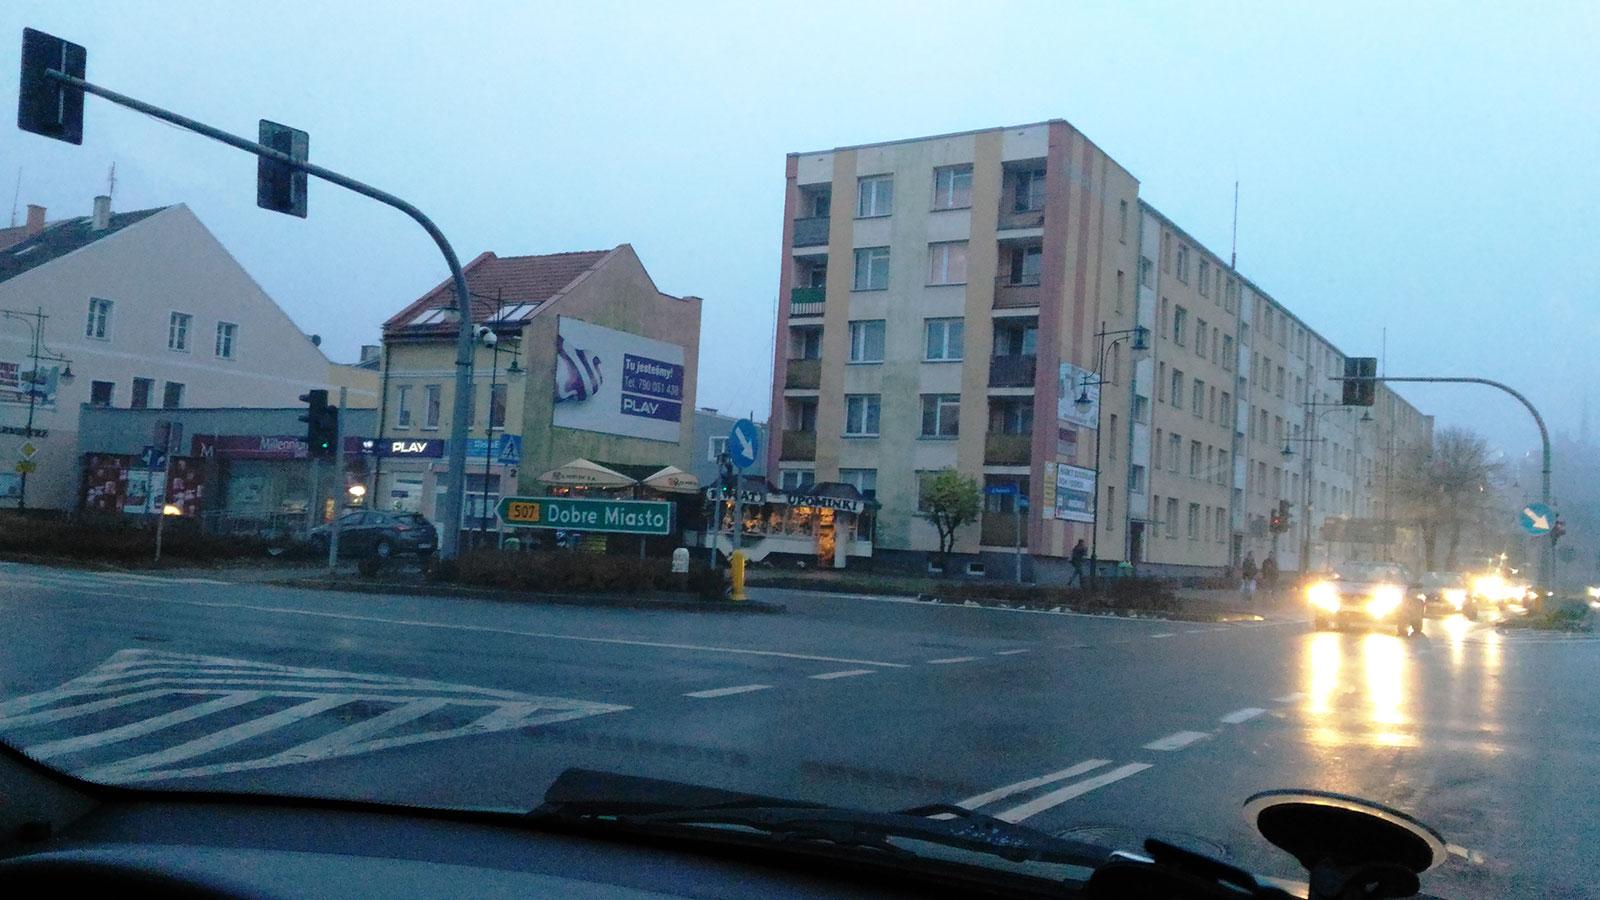 Бранево Польша